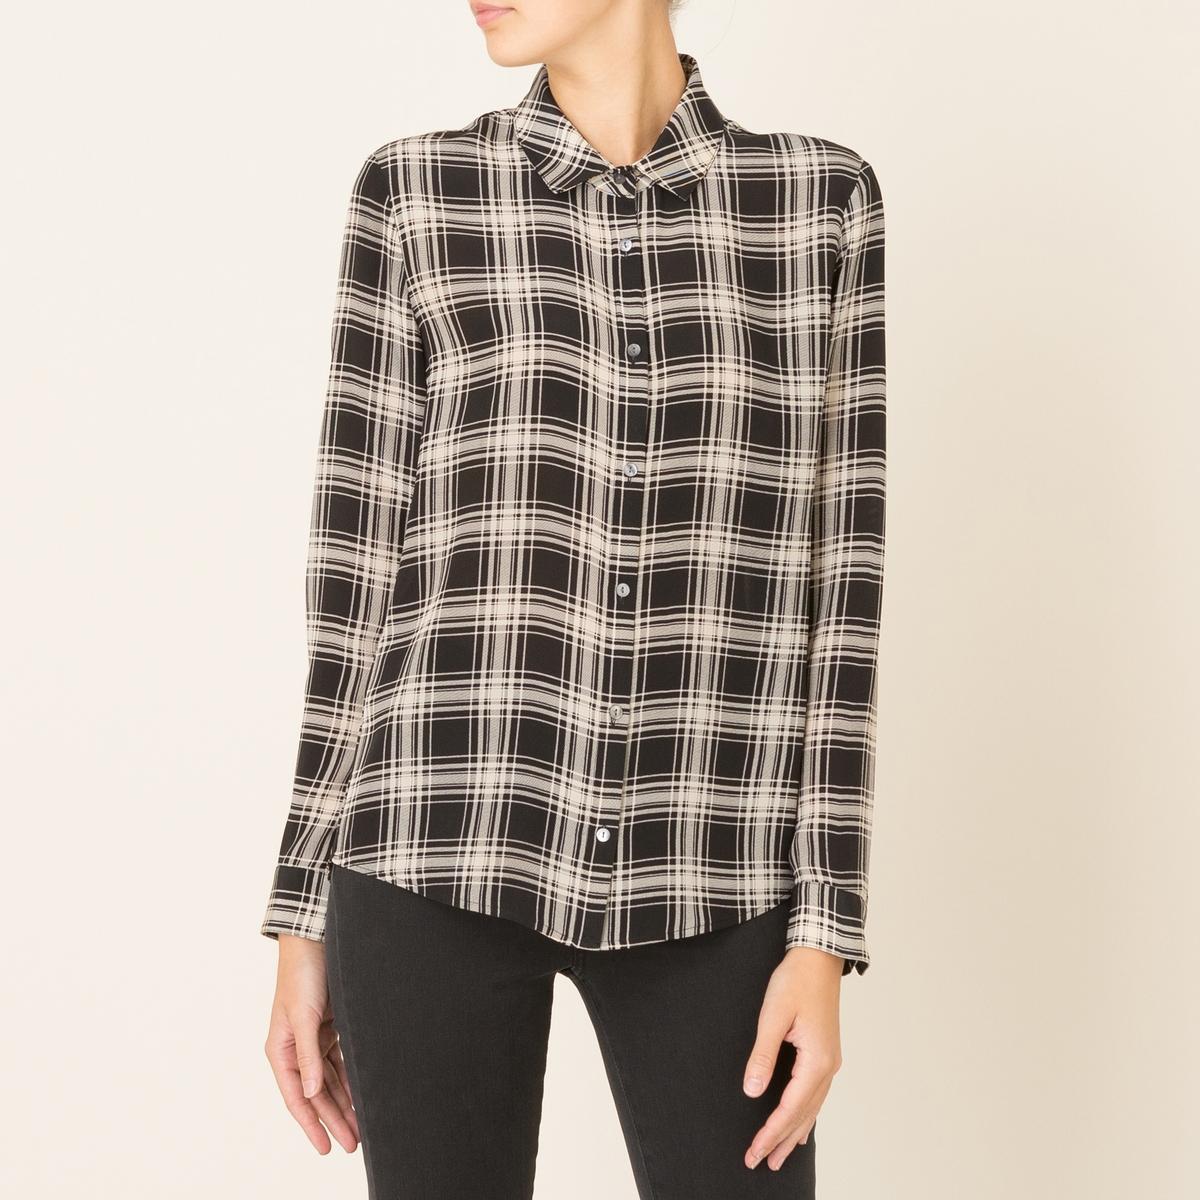 Рубашка женская из шелкаРубашка THE KOOPLES, из шелка . Классический воротник. Длинные рукава с застежкой на пуговицы. Планка застежки на пуговицы . Складка на спинке. Квадратный мотив рисунка. Струящийся покрой. Состав и описание Материал : 100% шелк Марка : THE KOOPLES<br><br>Цвет: белый/ черный